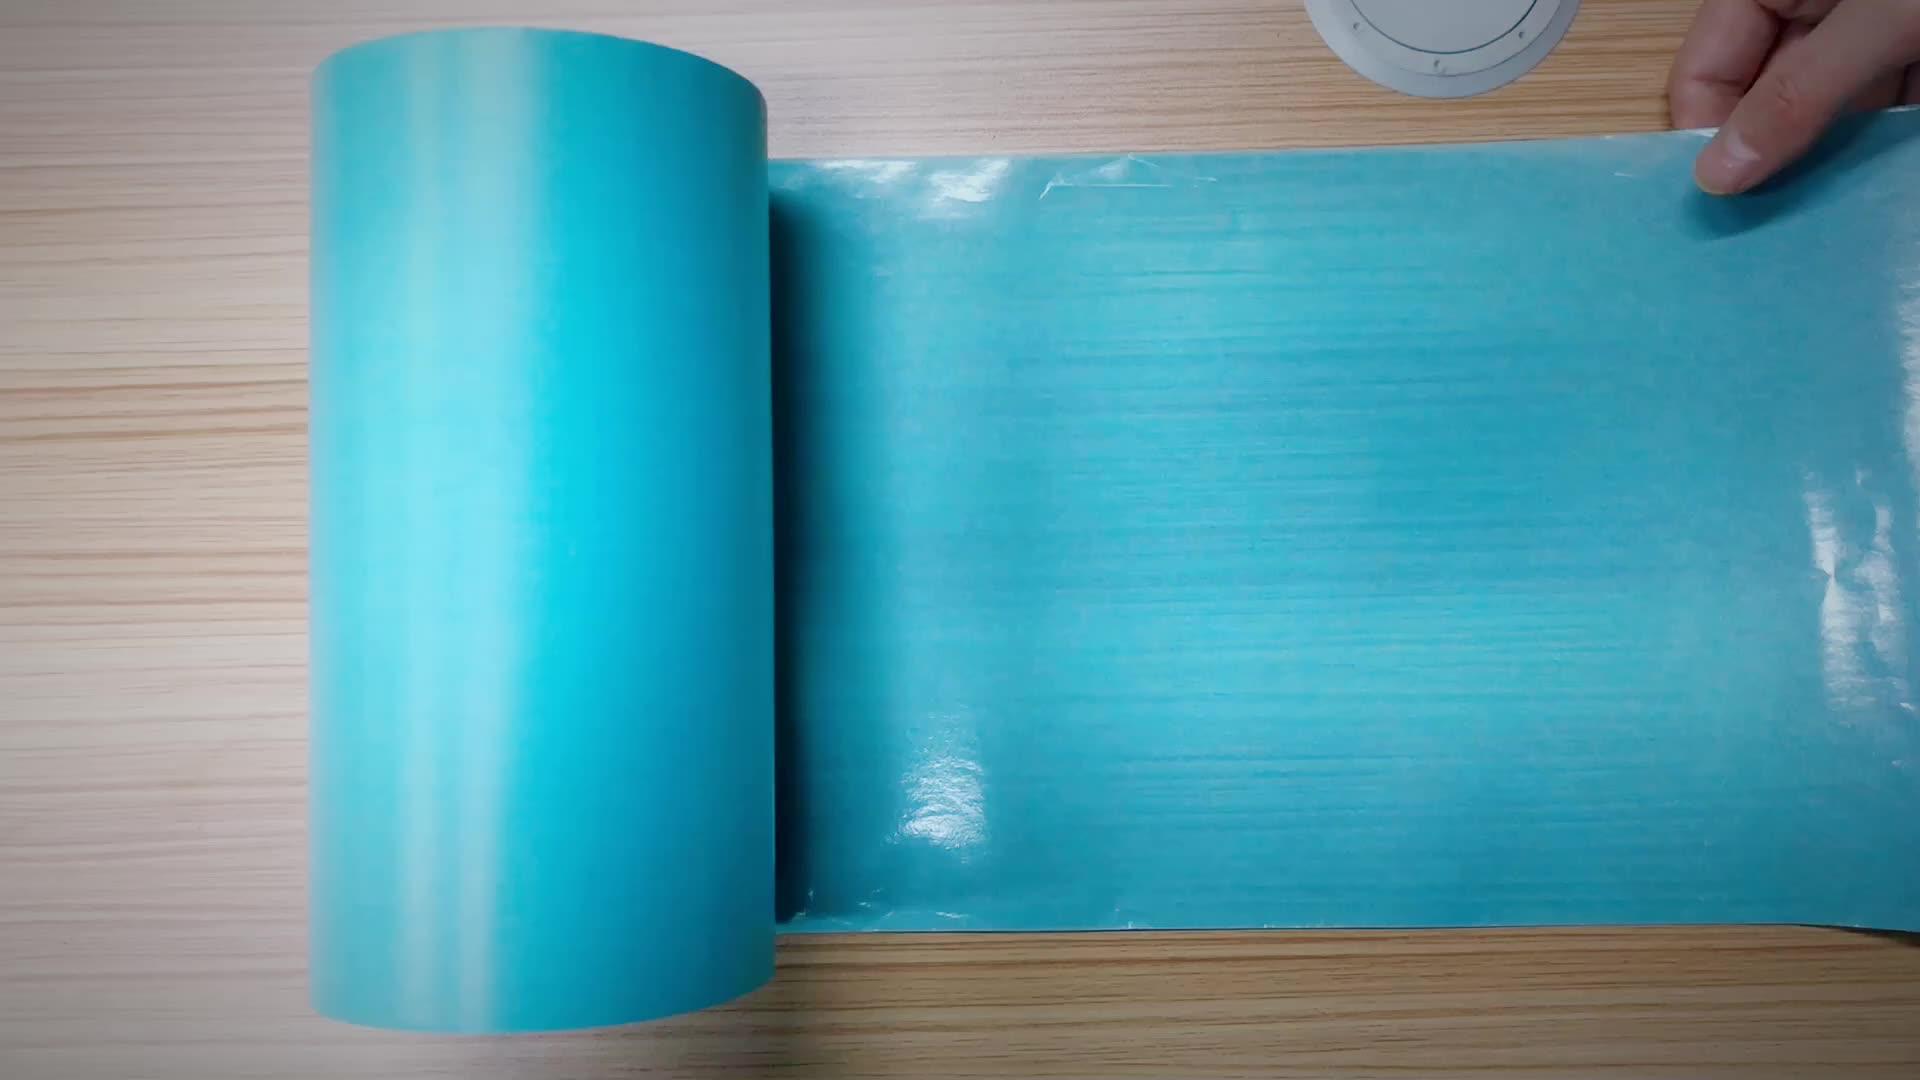 Hot Koop Polyester Release Liner Huisdier Siliconen Gecoat Release Film